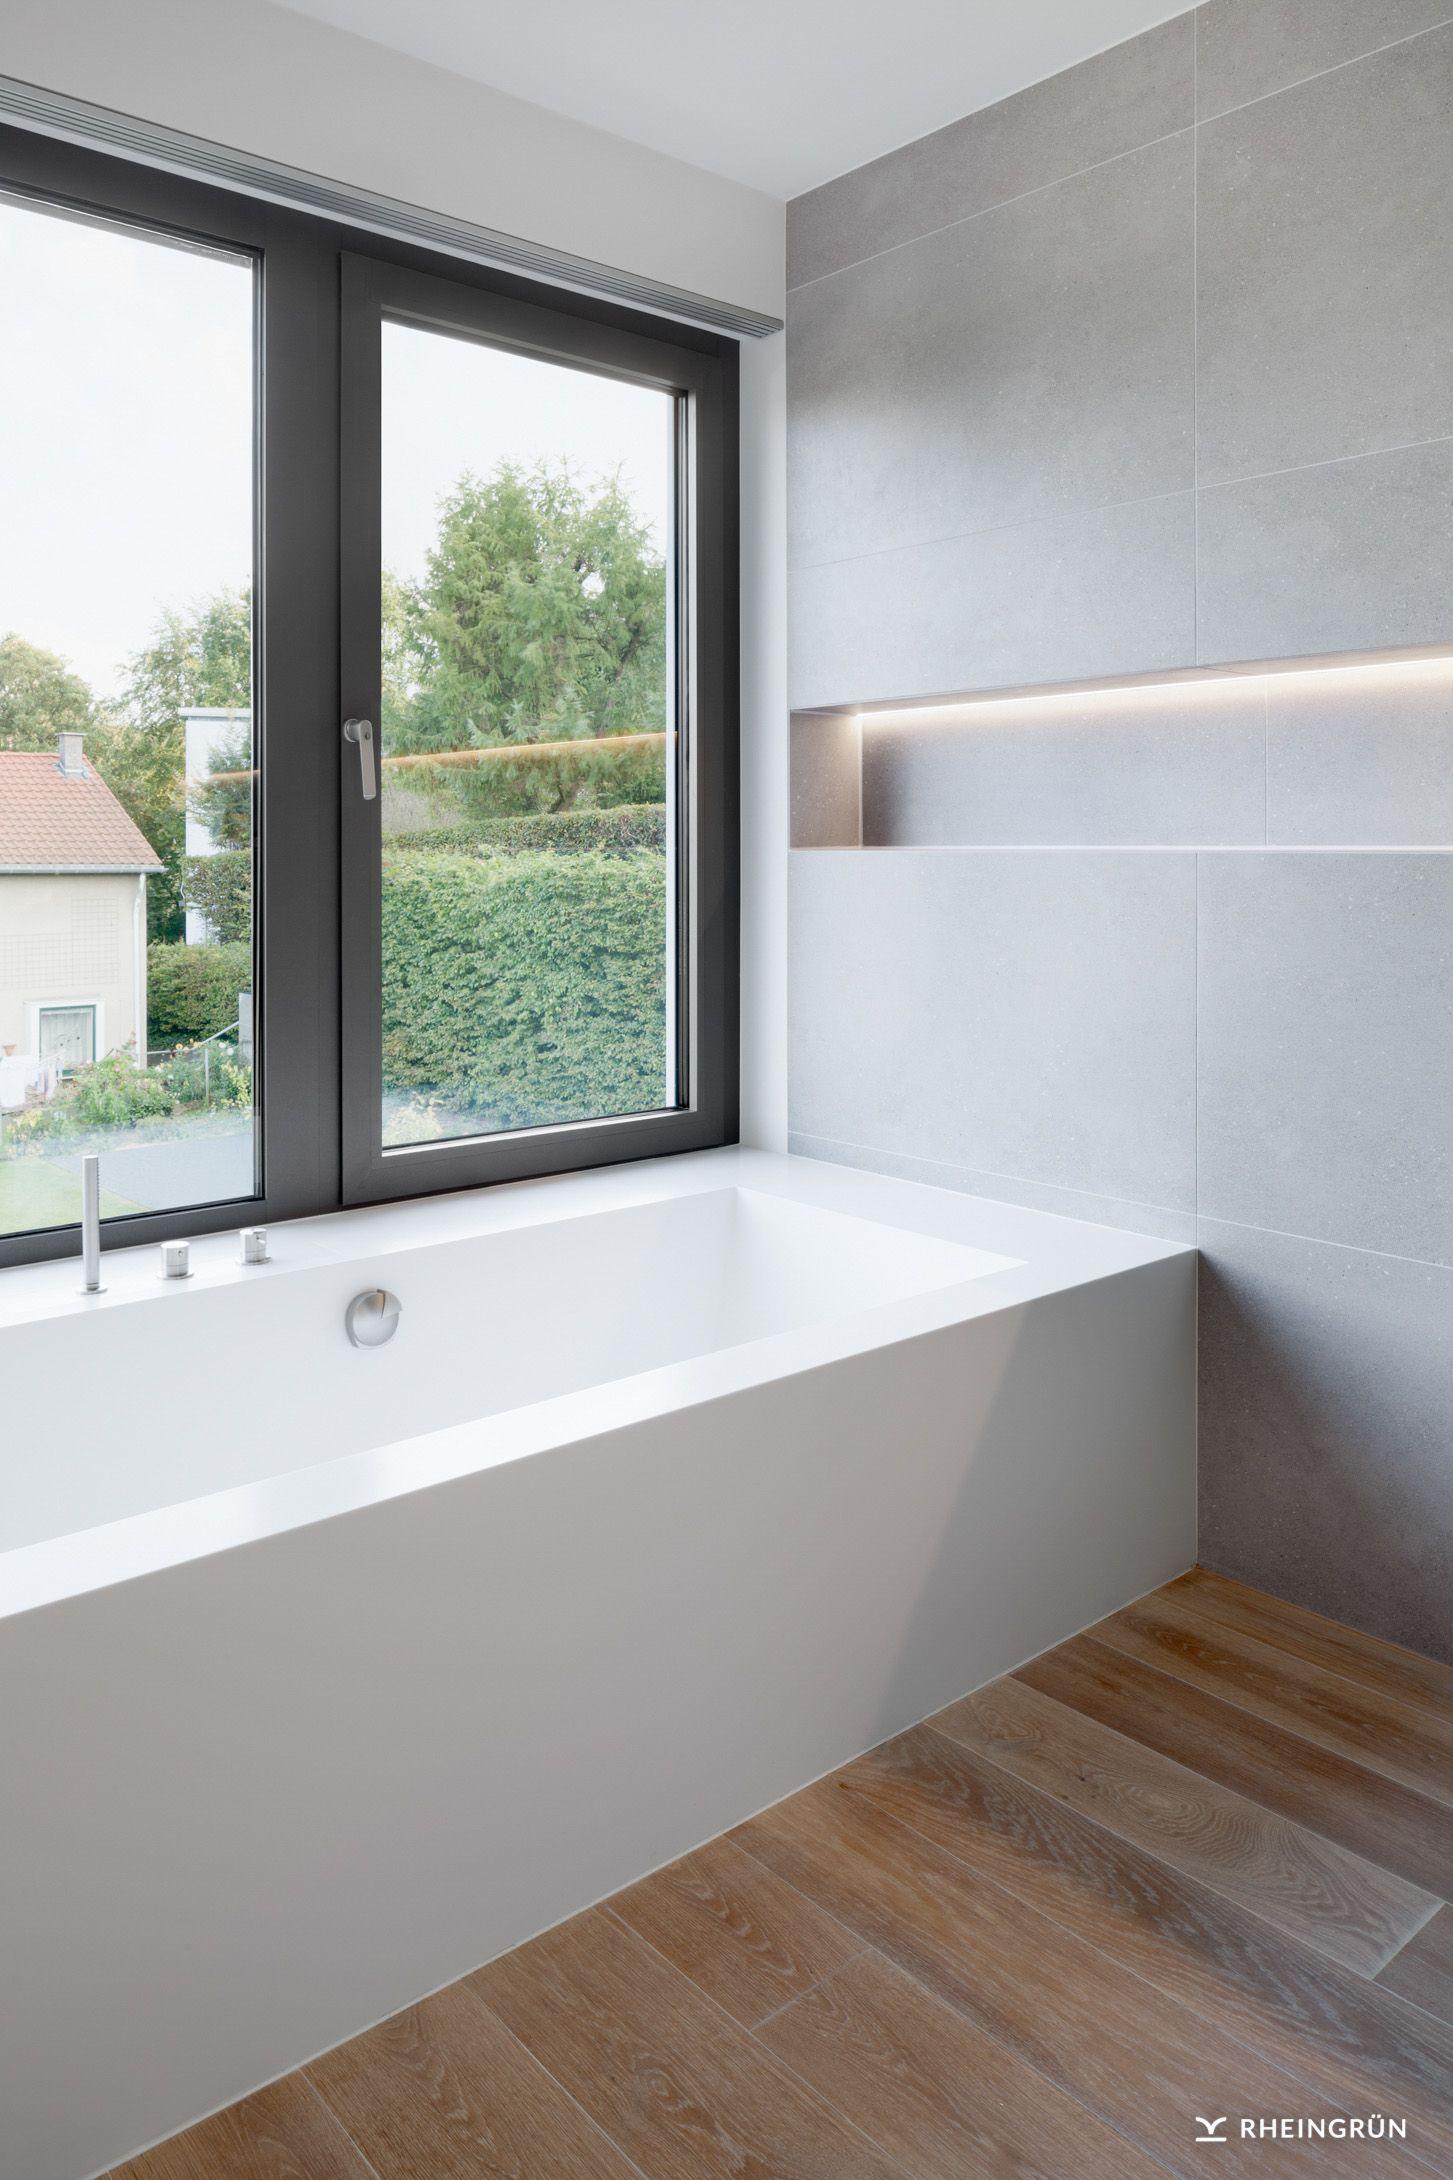 Exklusive Villa mit modernen Wasserbecken aus Cortenstahl und stimmungsvoller Gartenbeleuchtung #dreammansion